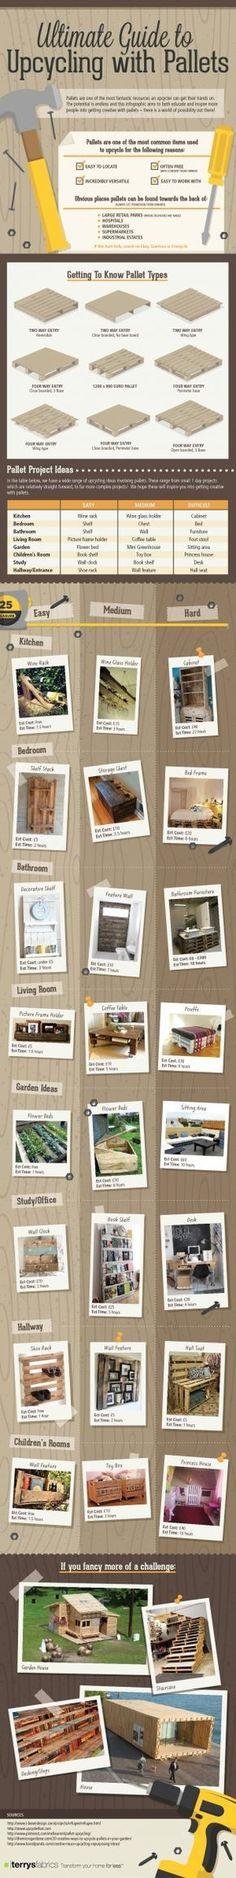 J'ai plusieurs palette à la maison et je cherche des idées pour bien les réutilisé !!!! Un guide pratique ! Steph 1001 Pallets, Recycled wood pallet ideas, DIY pallet Projects ! - Part 18